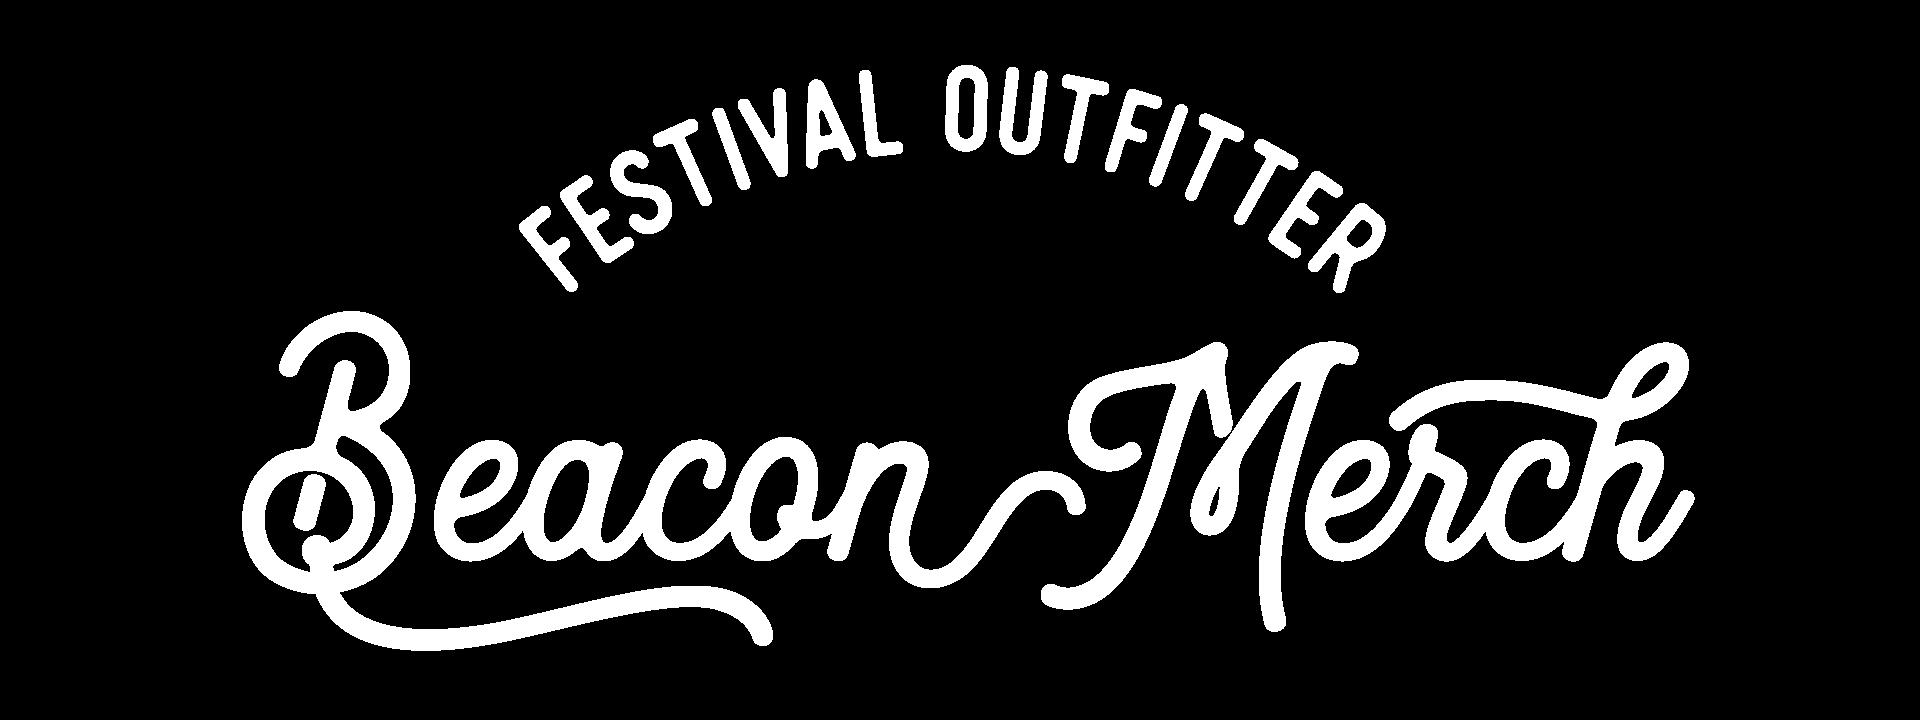 Beacon Merch